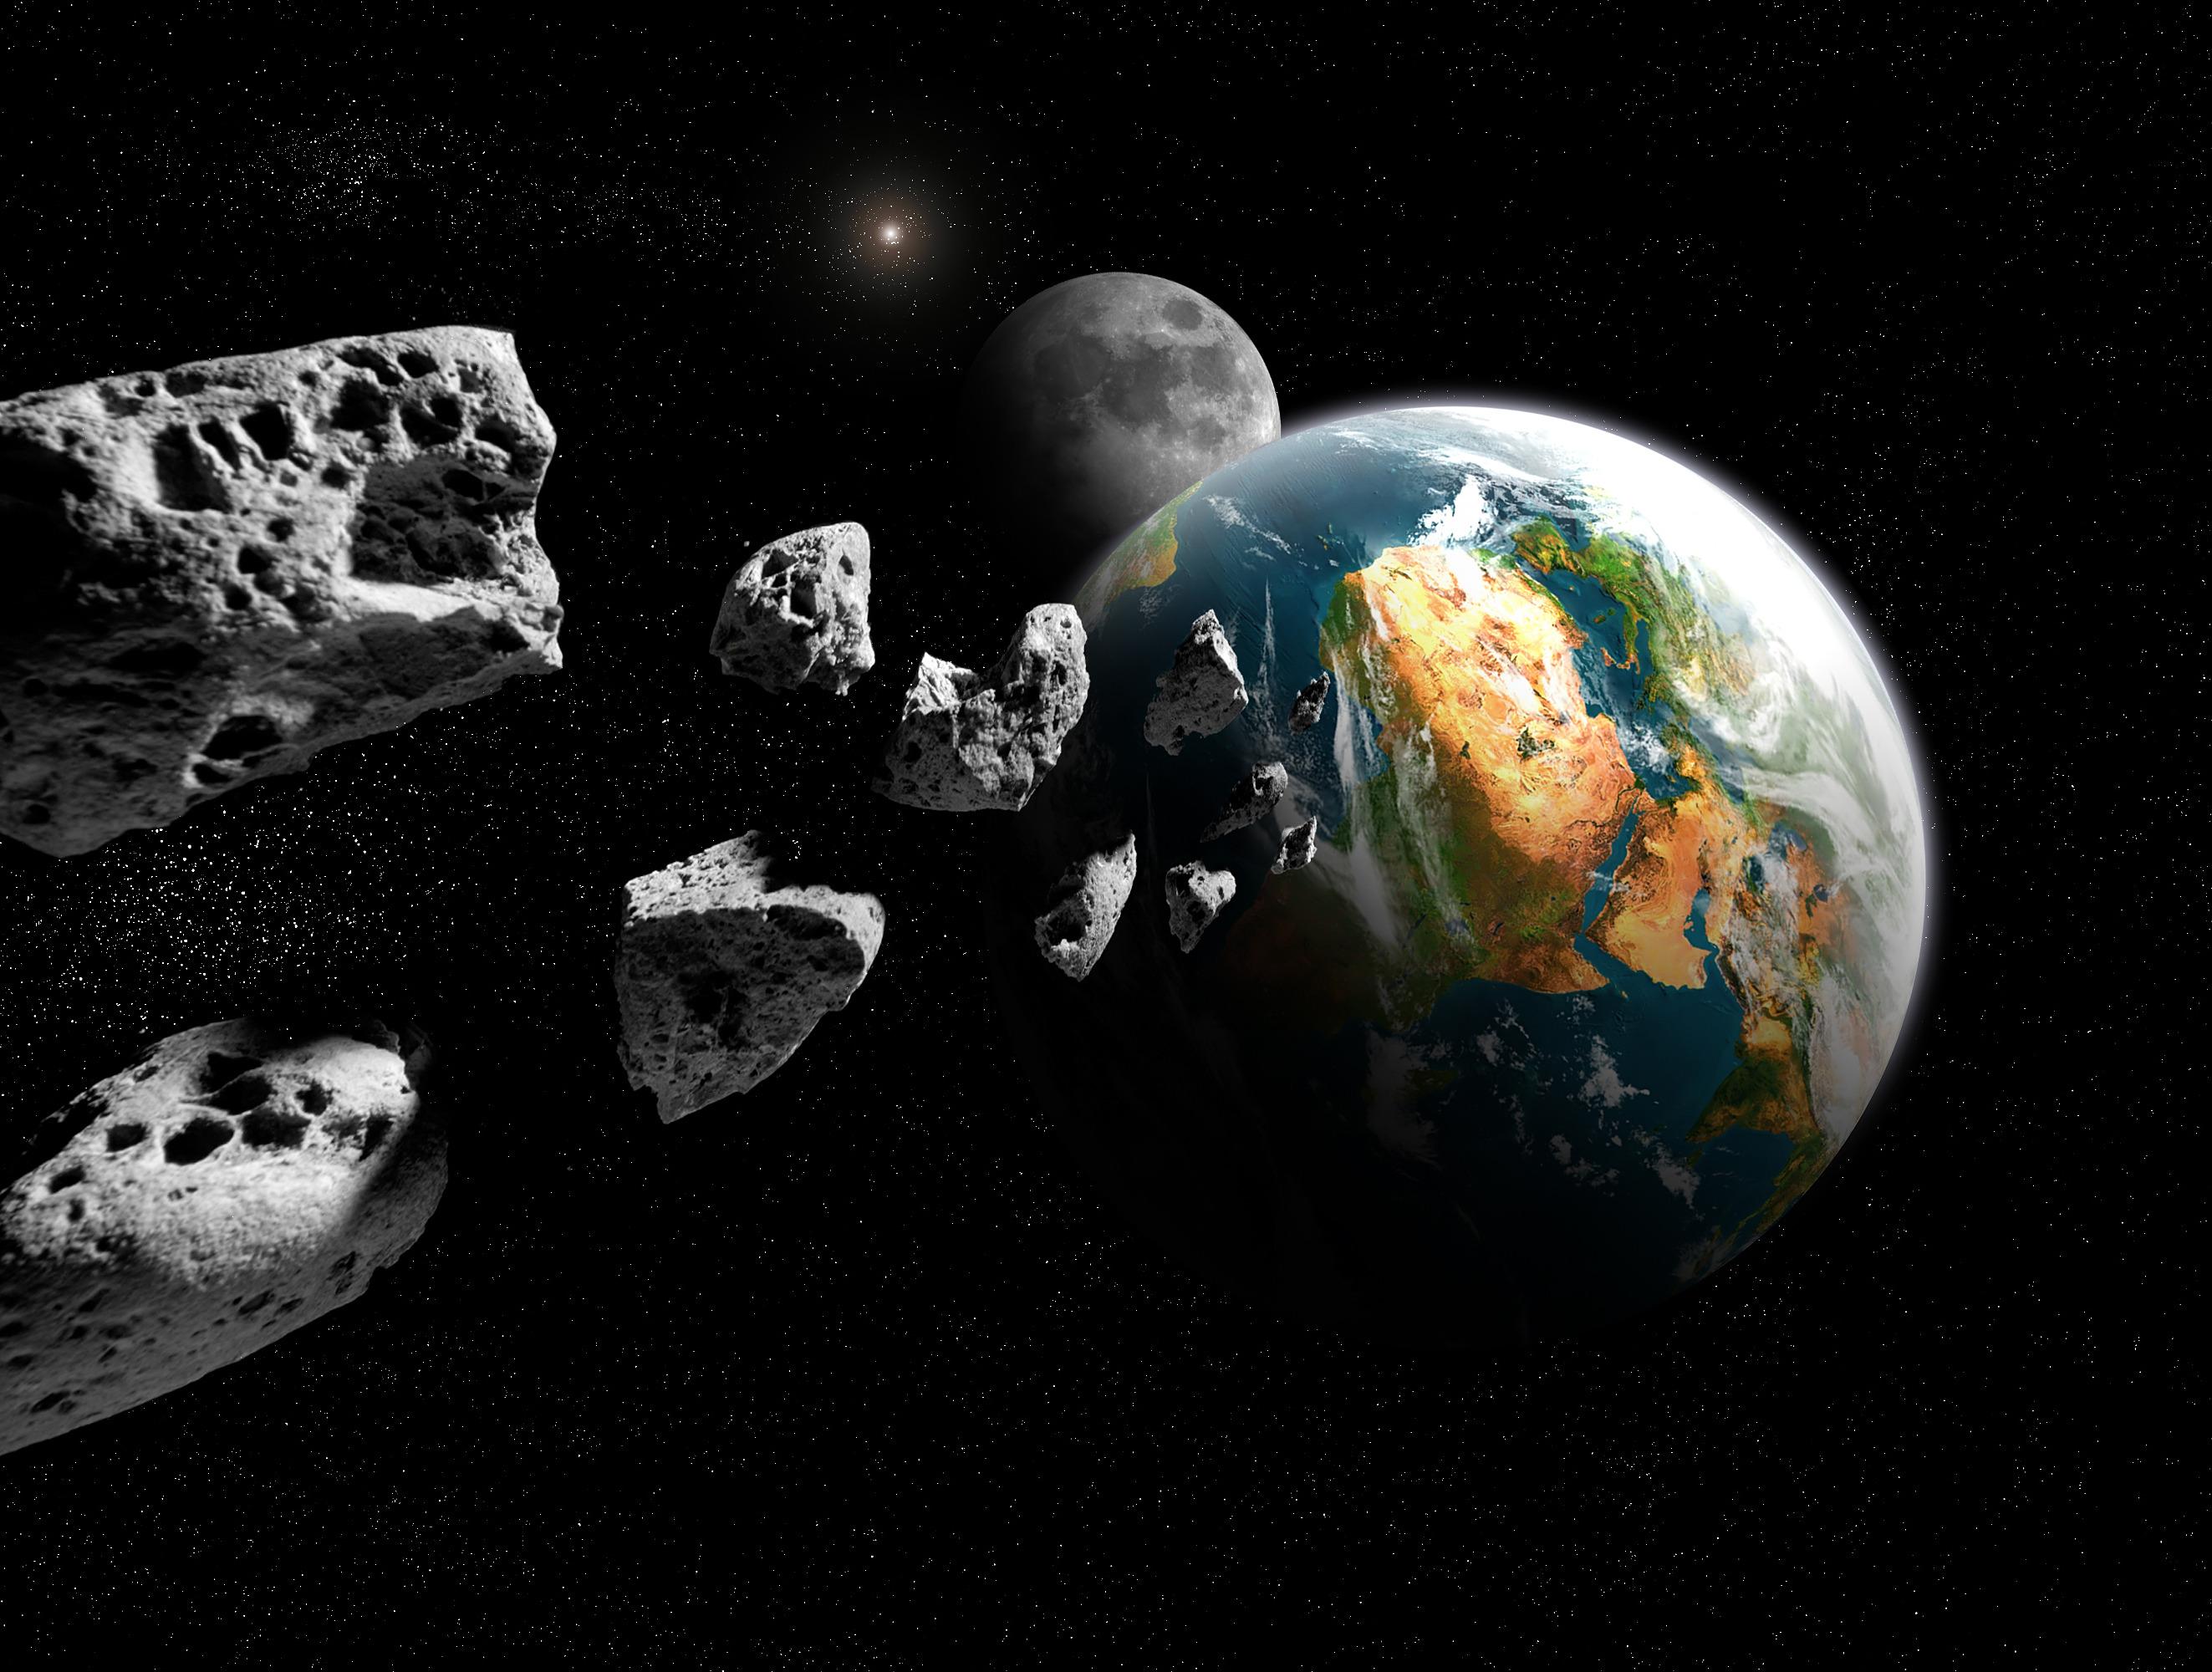 Asteroids e terra (illustraziun): L'asteroid 2004 BL 86 manchentà be pauc la terra.